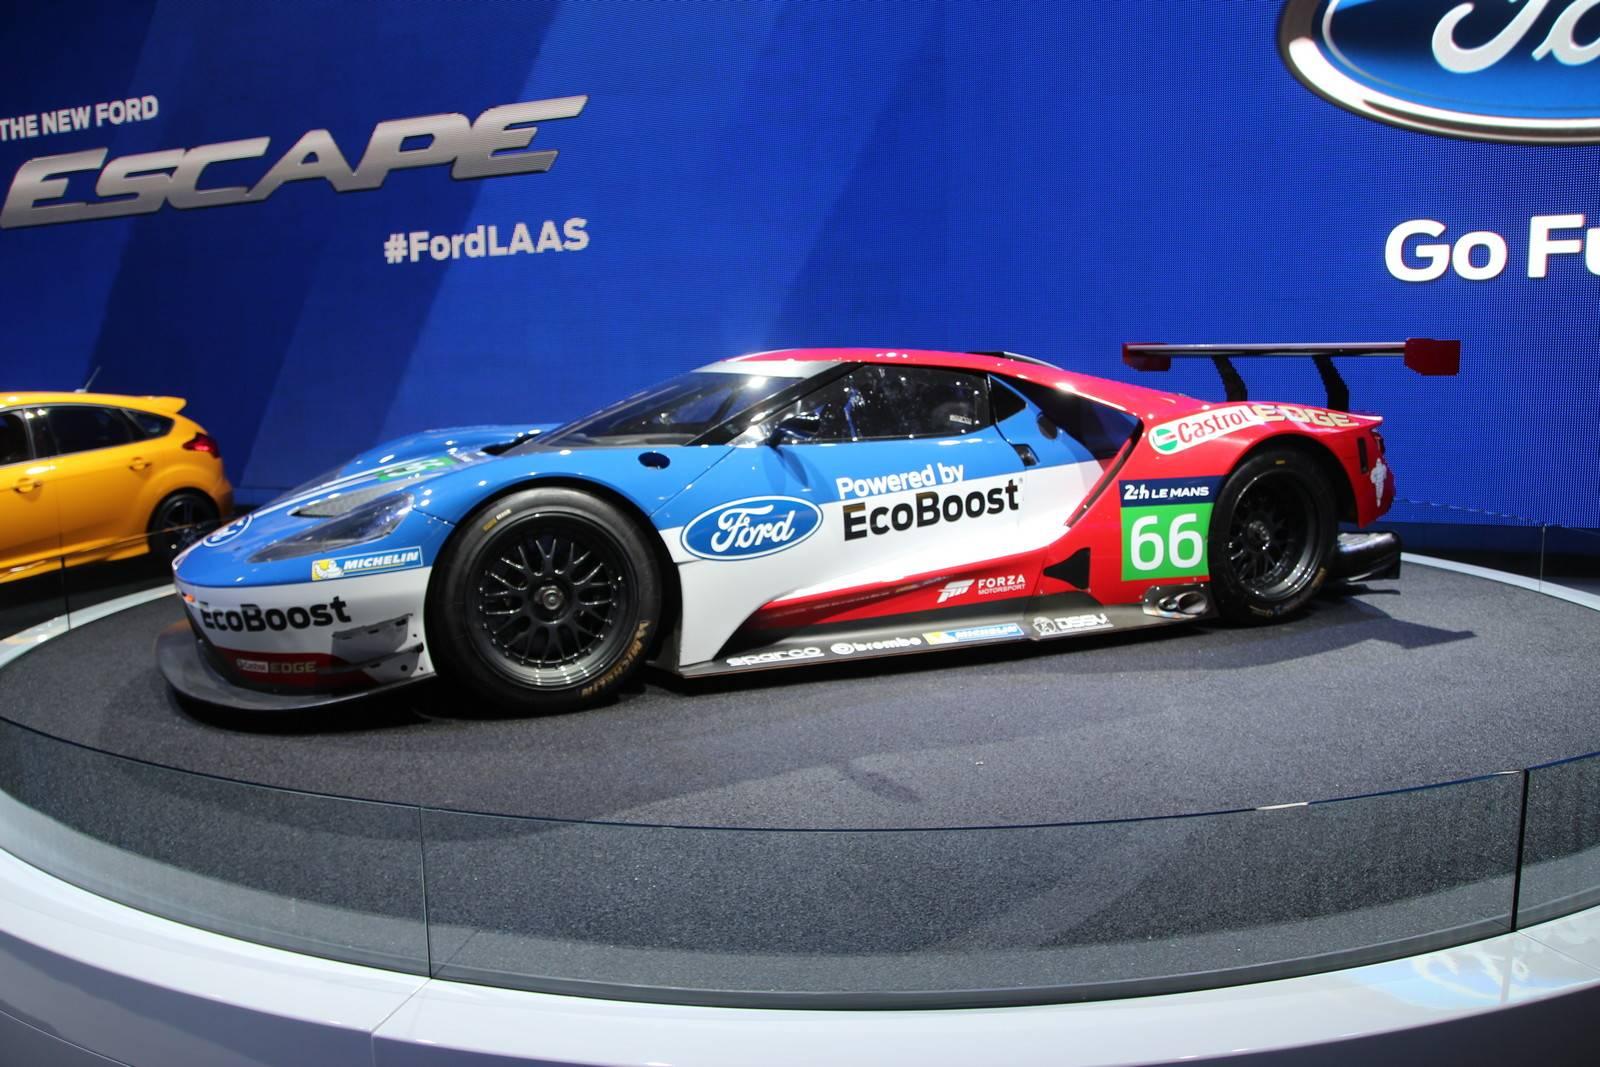 2017 Ford GT race car